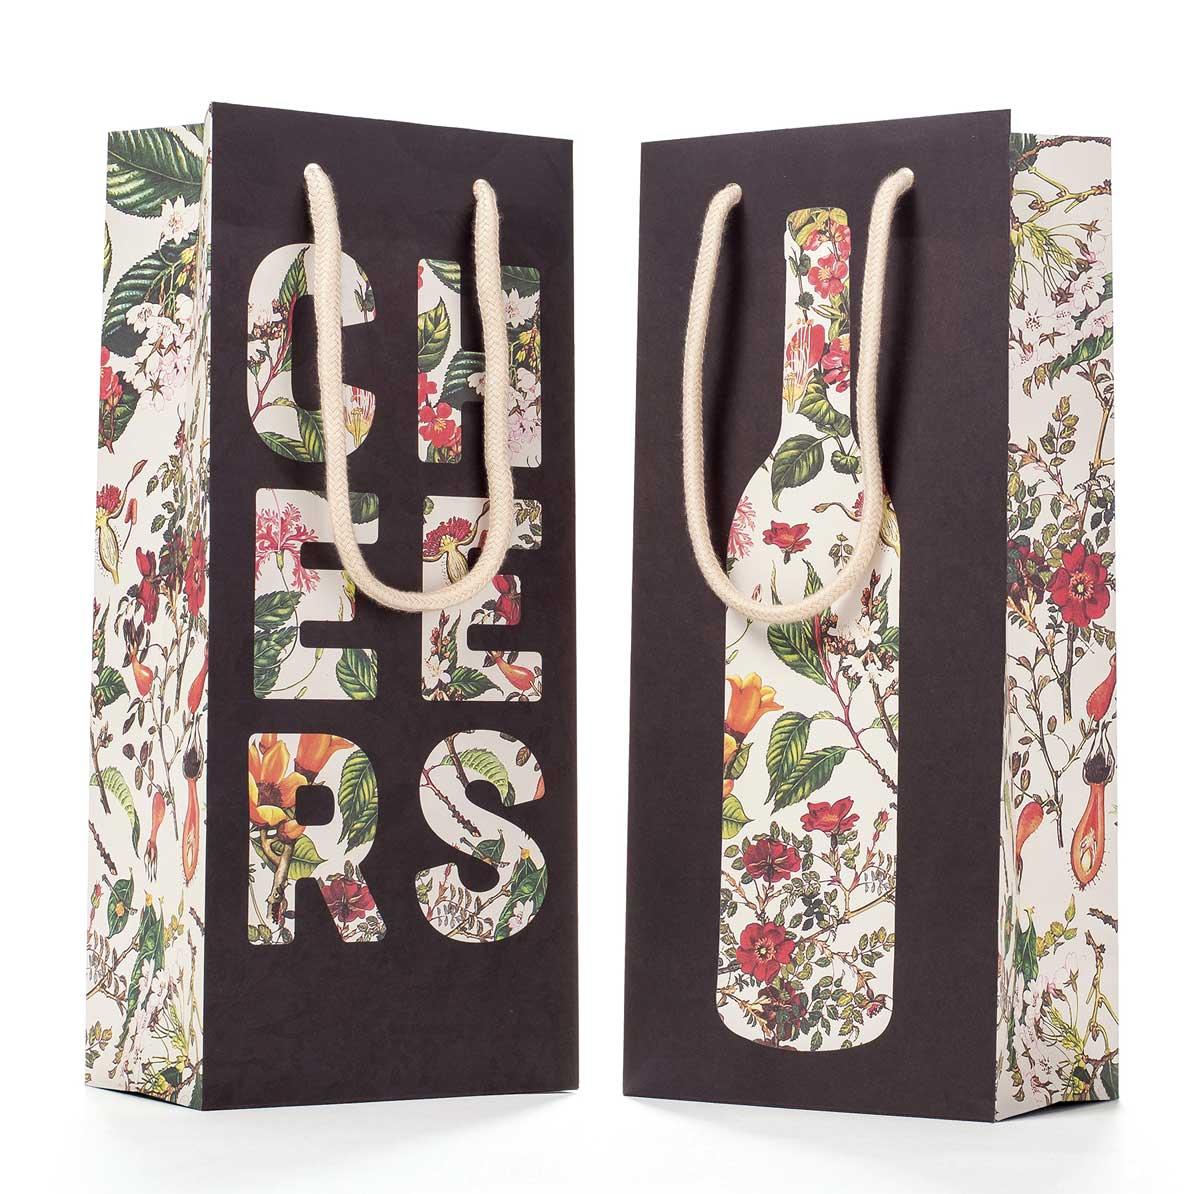 """Geschenktasche """"FLORAL SILHOUETTE WINE BAG"""" von Hester & Cook"""